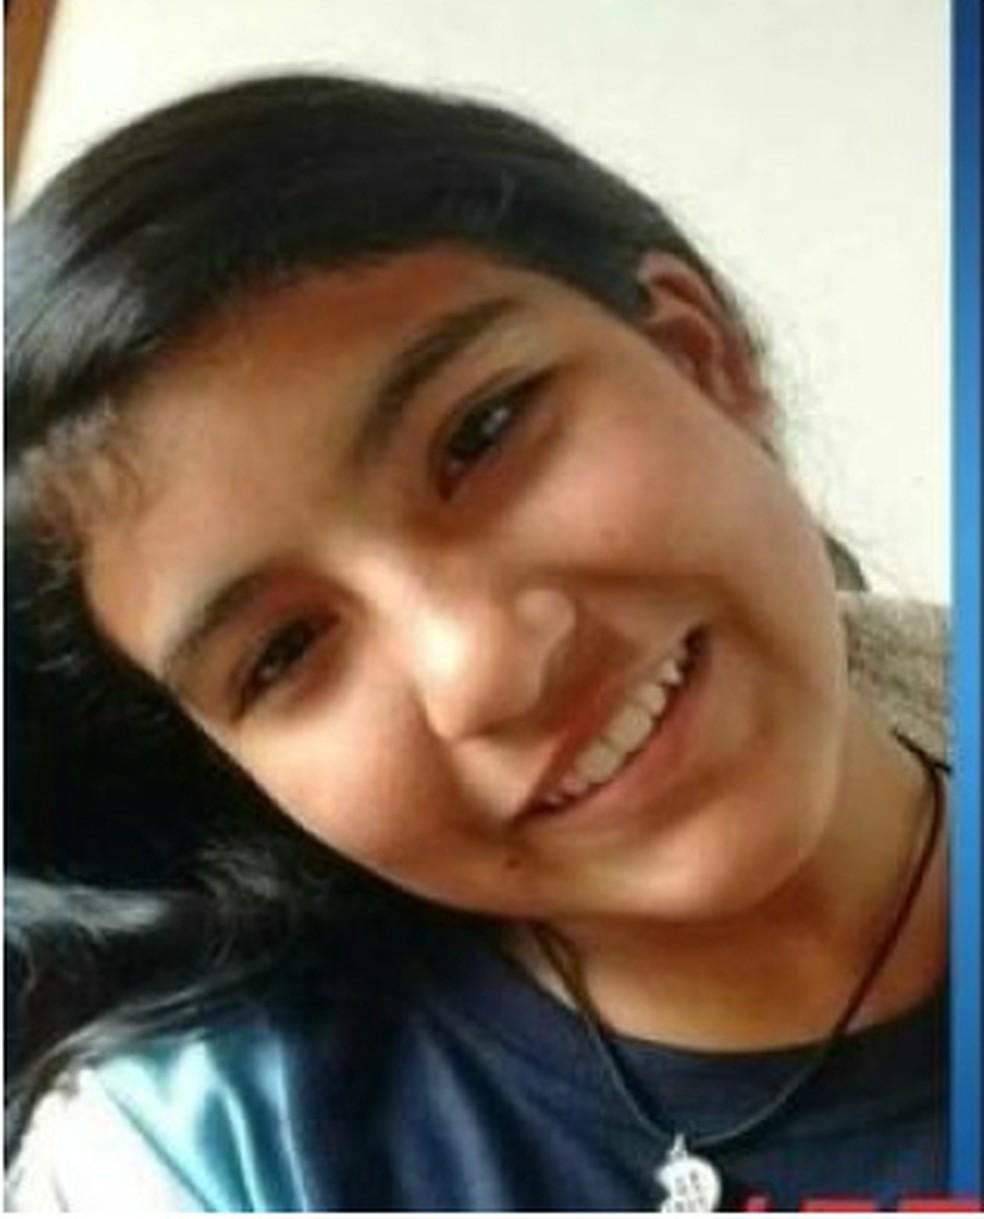 Eduarda Shigematsu, de 11 anos, foi encontrada morta em Rolândia no domingo (28) — Foto: Polícia Civil/Divulgação